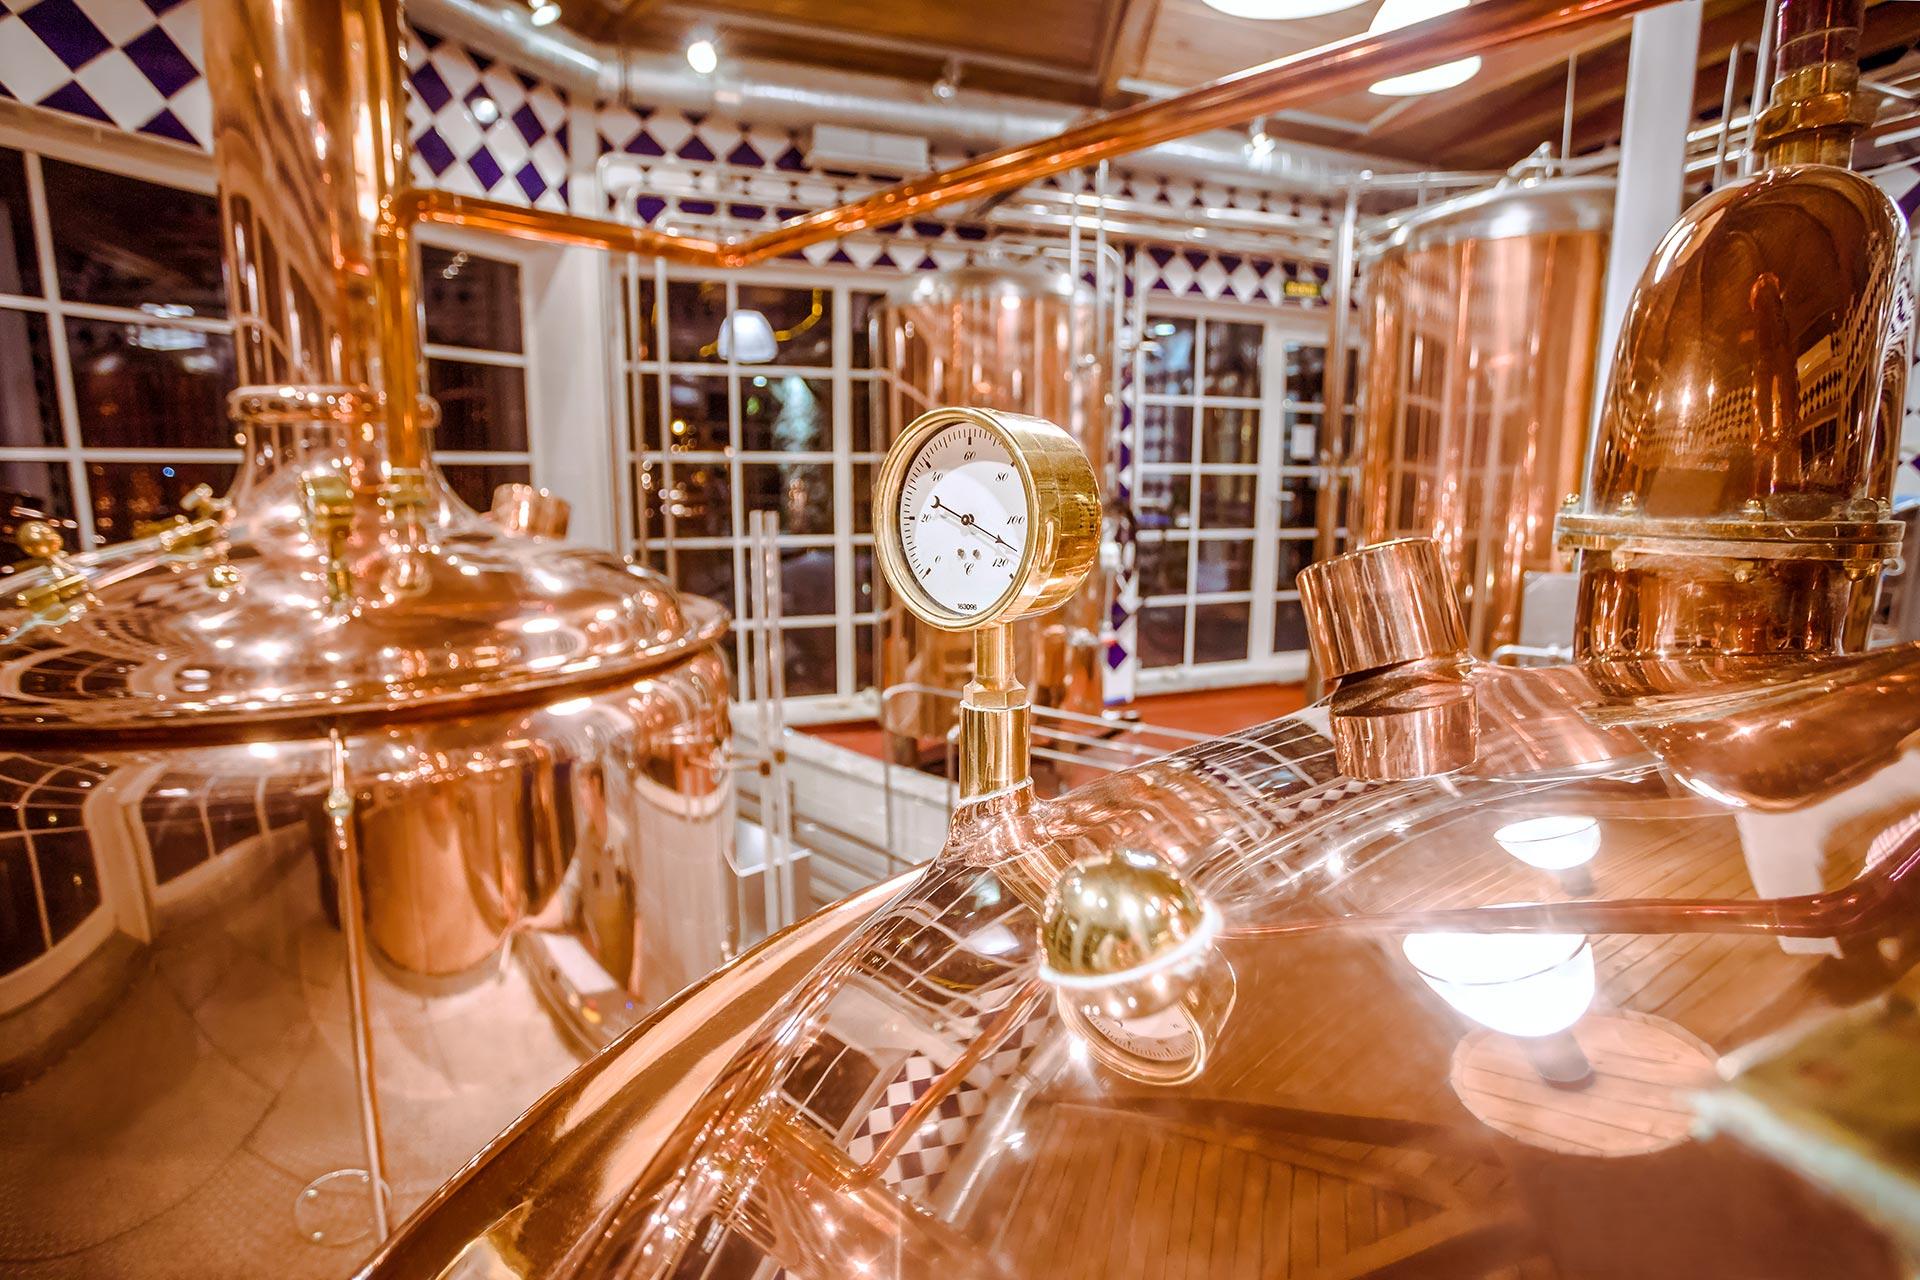 poeschl_anlagenbau_Brauerei_Caspary-Sudhaus-10-hl2